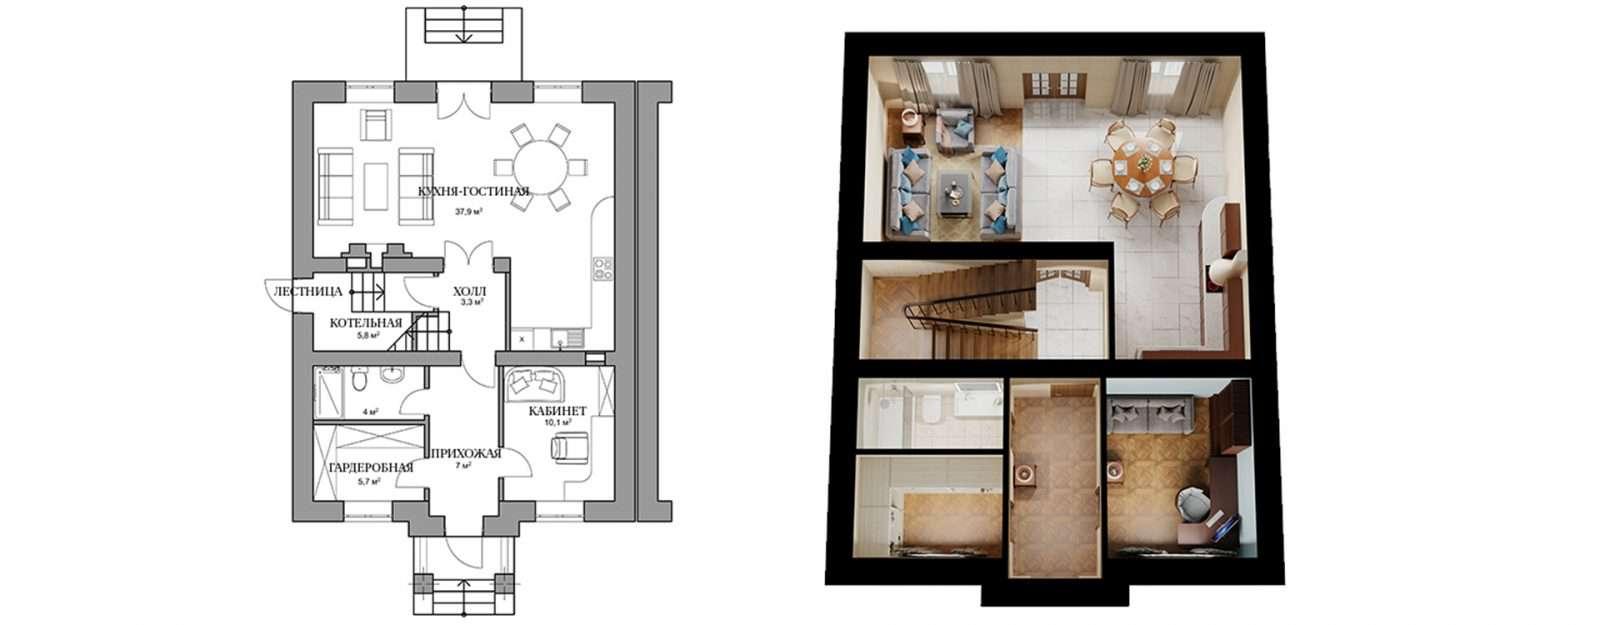 Дуплекс «Полли» - план первого этажа